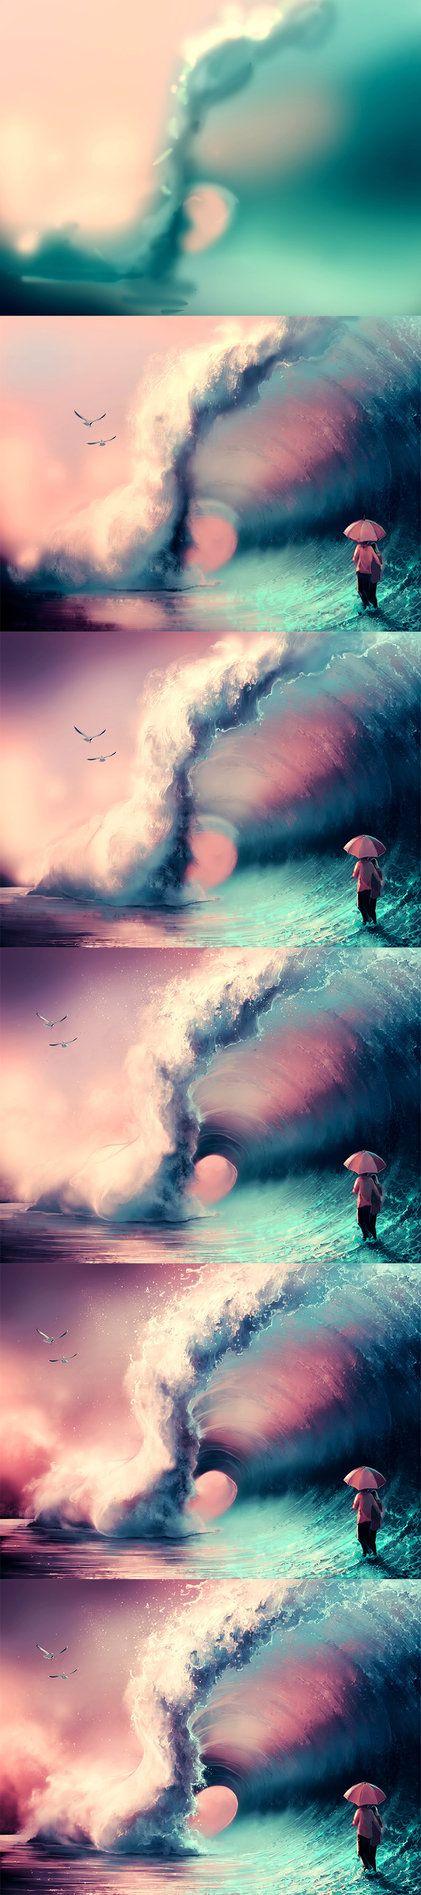 Não importa o tamanha da onda que esteja prestes a te afogar, eu não vou te deixar... NUNCA!  NJ